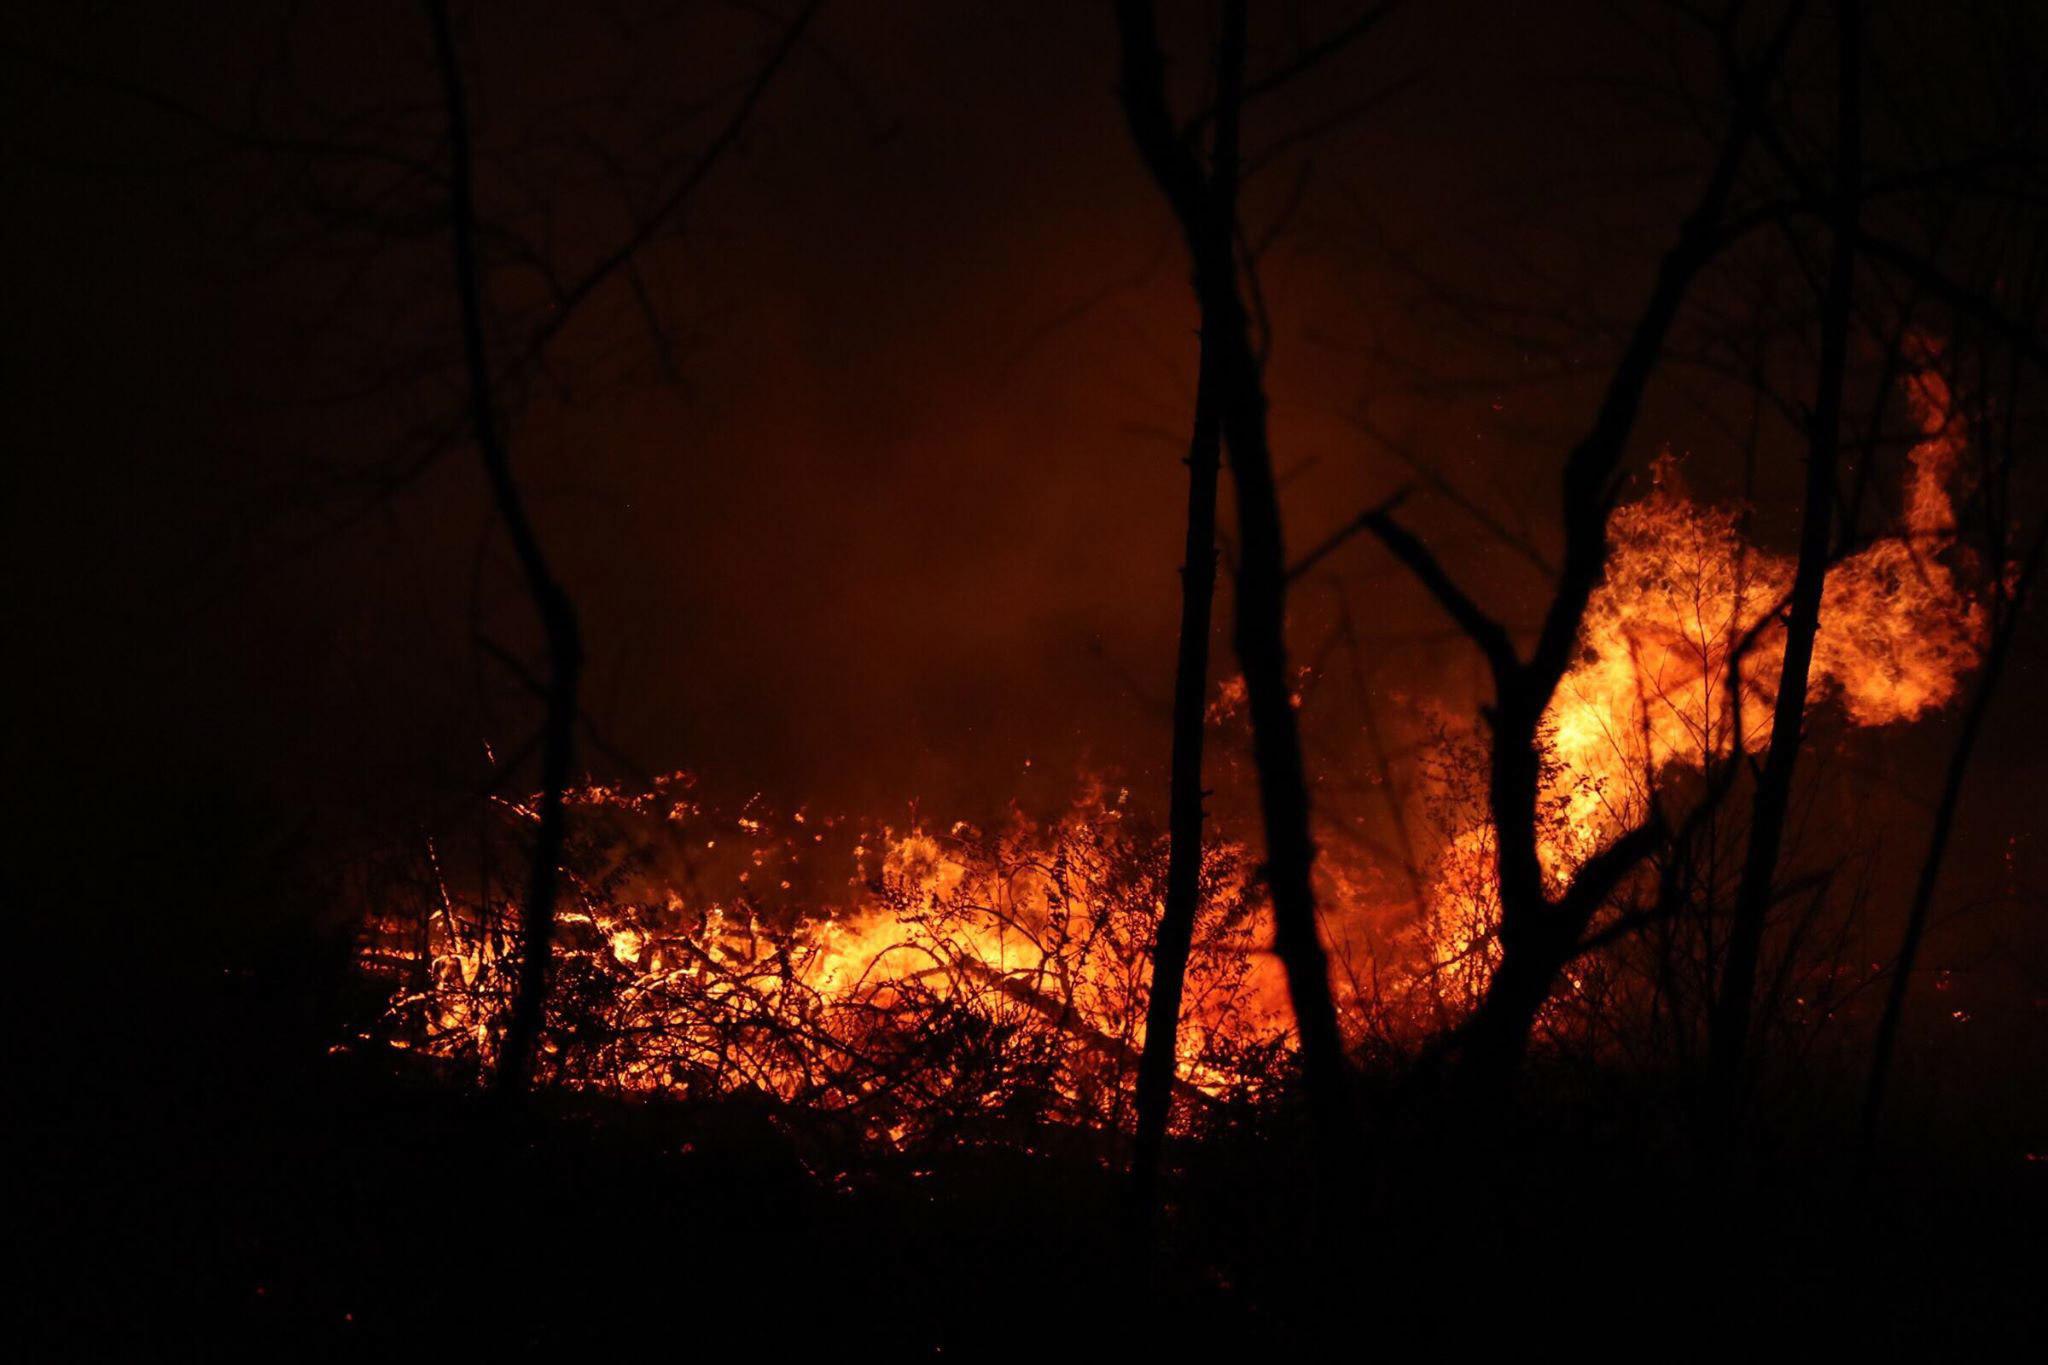 Hình ảnh ngọn lửa bùng cháy trong rừng